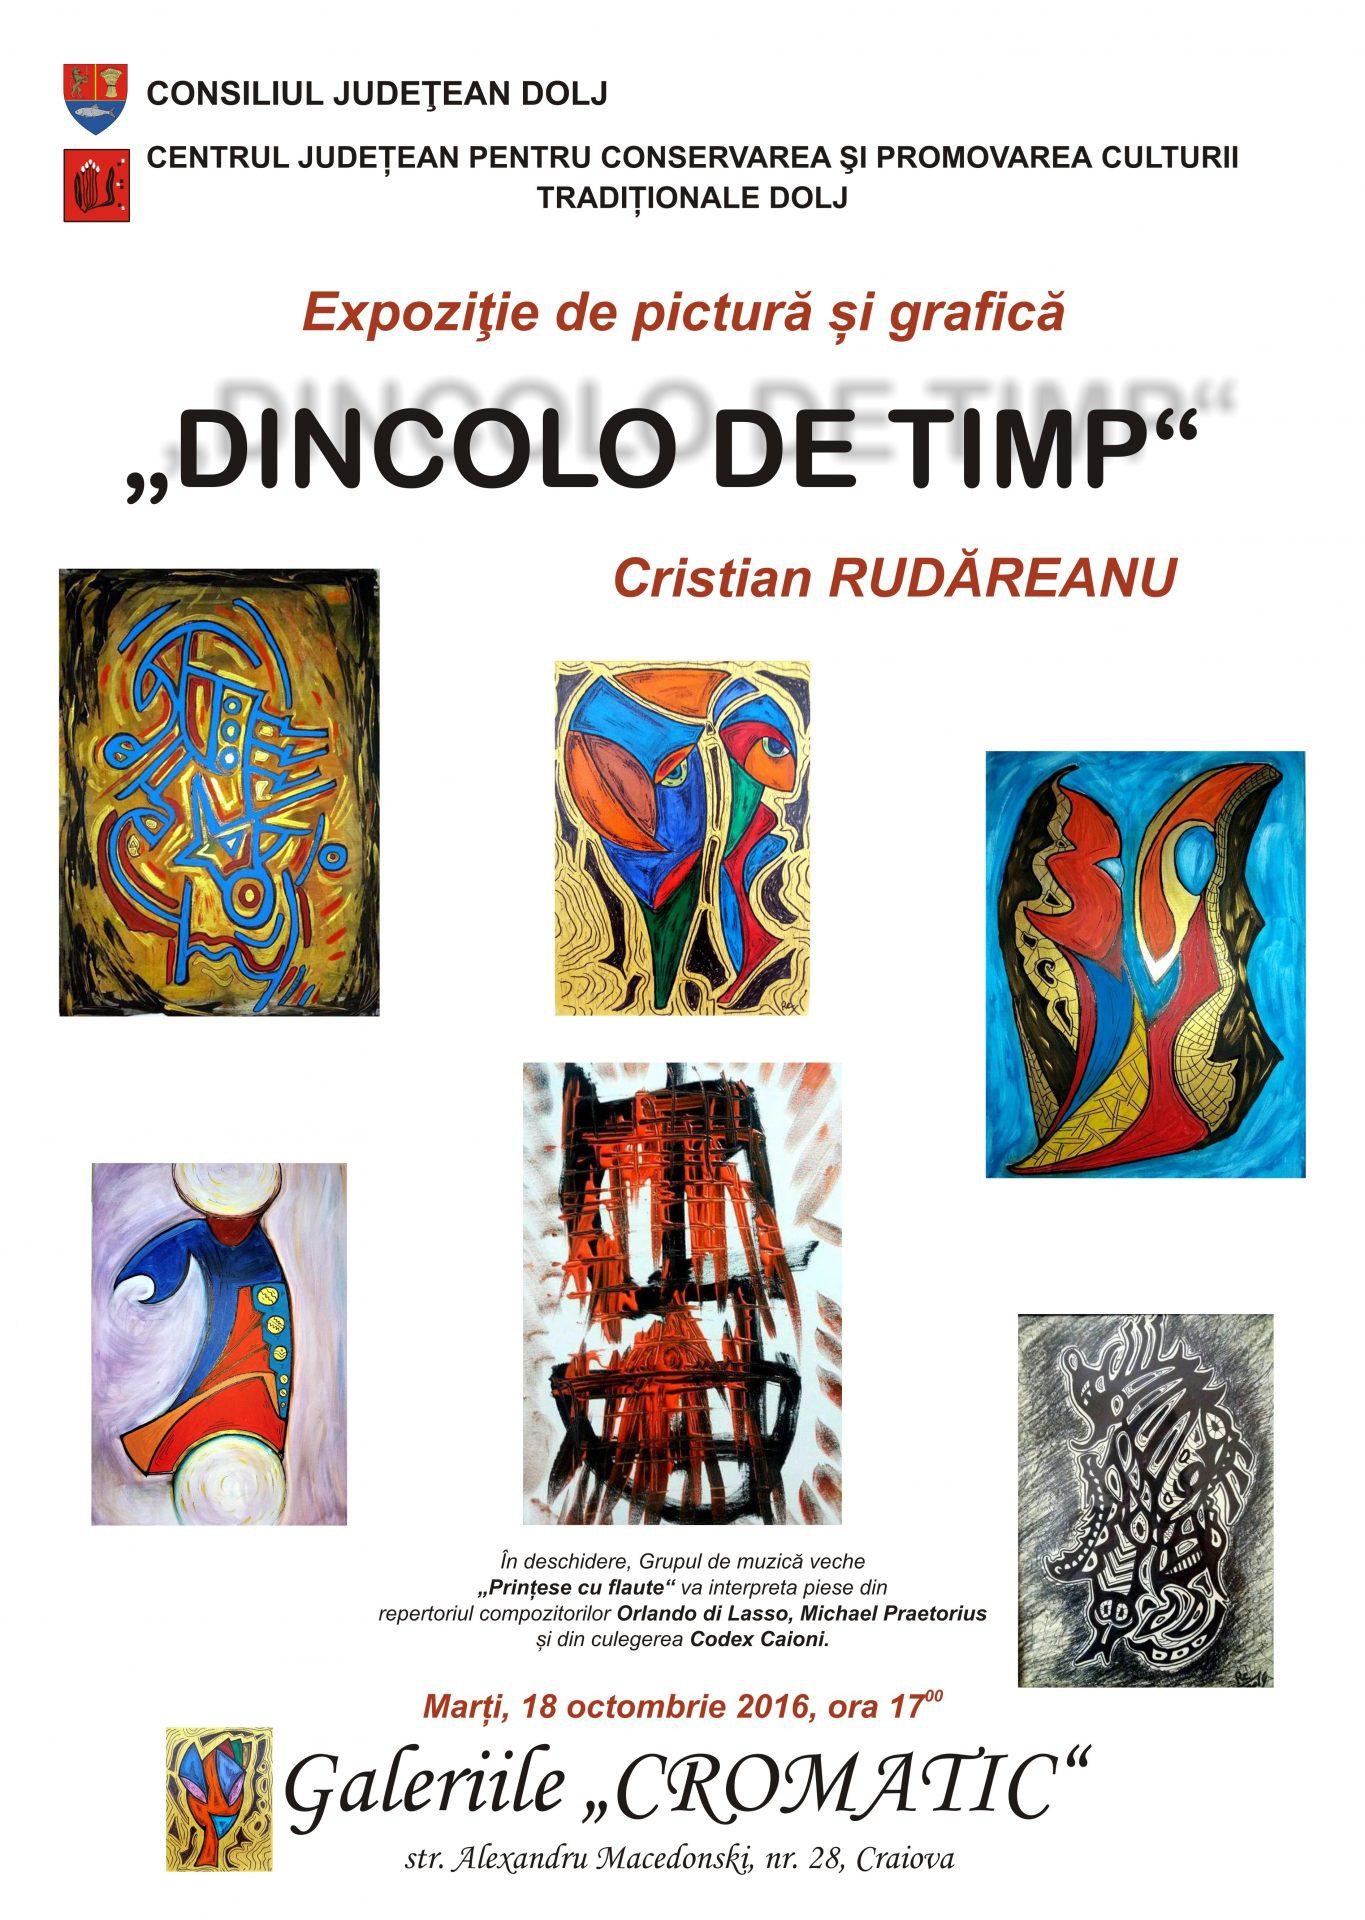 Expoziţie de pictură și grafică, la Galeriile Cromatic